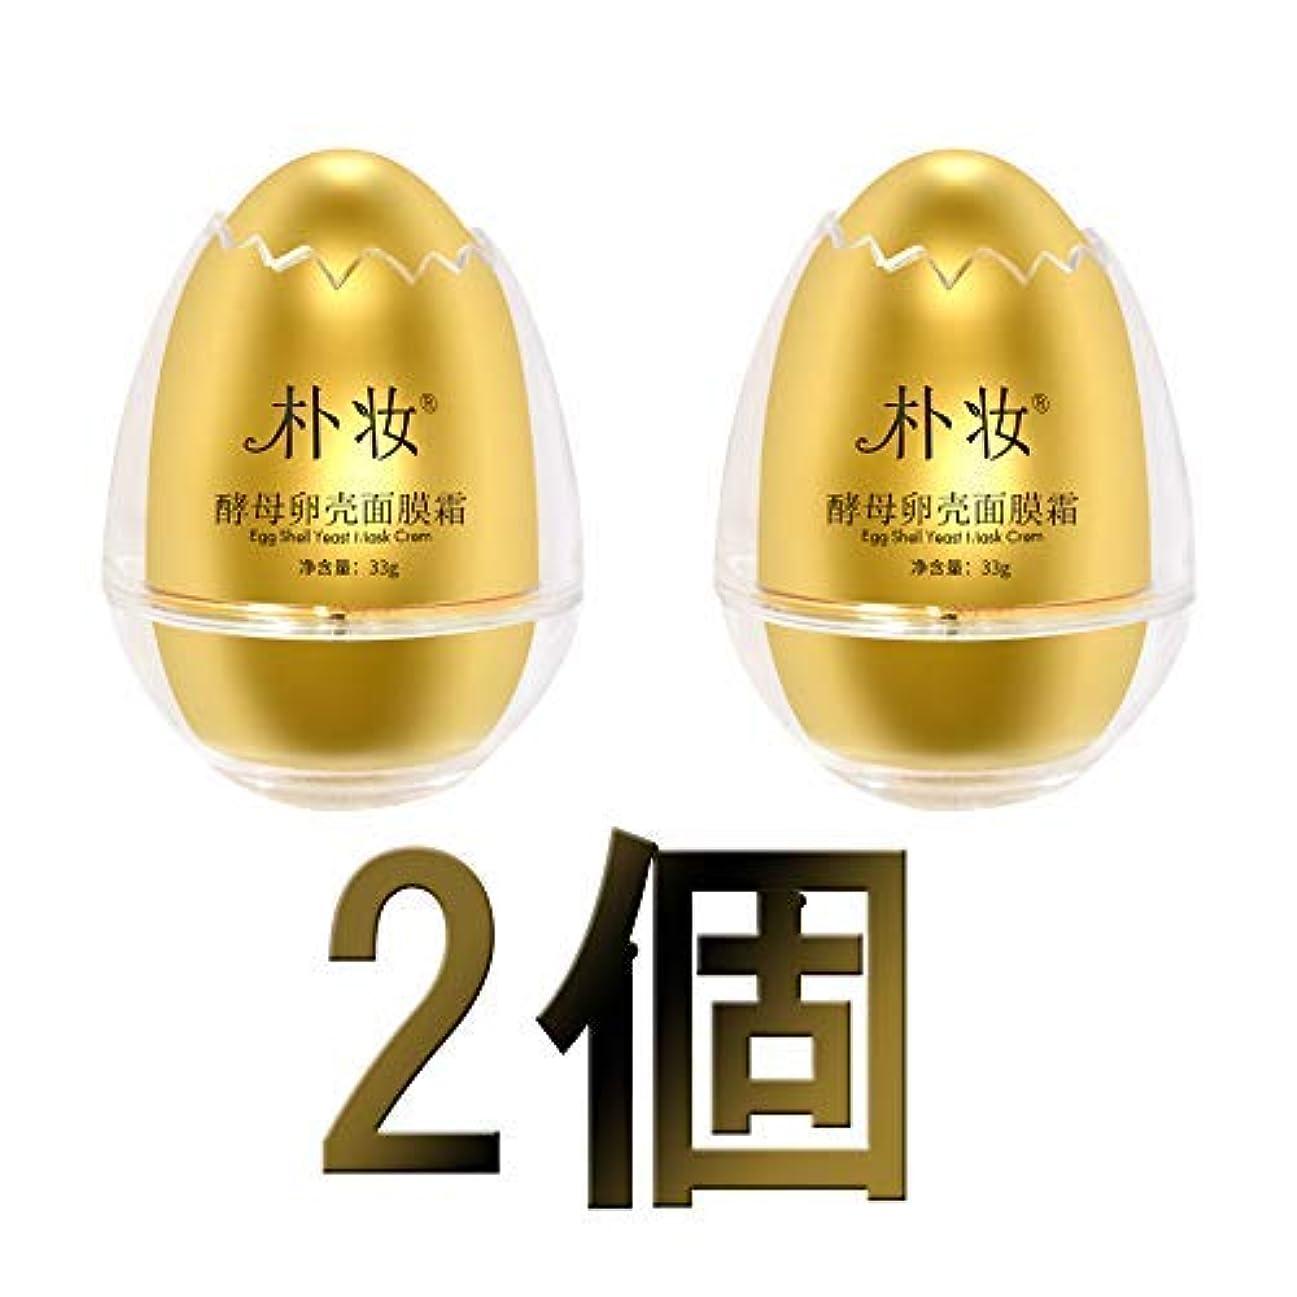 お母さんほうきハンマー朴妆たんたんパックx2個 酵母卵殻マスククリーム33g しっとりと た肌,シュリンクポア,しわ耐性,肌を引っ張る、